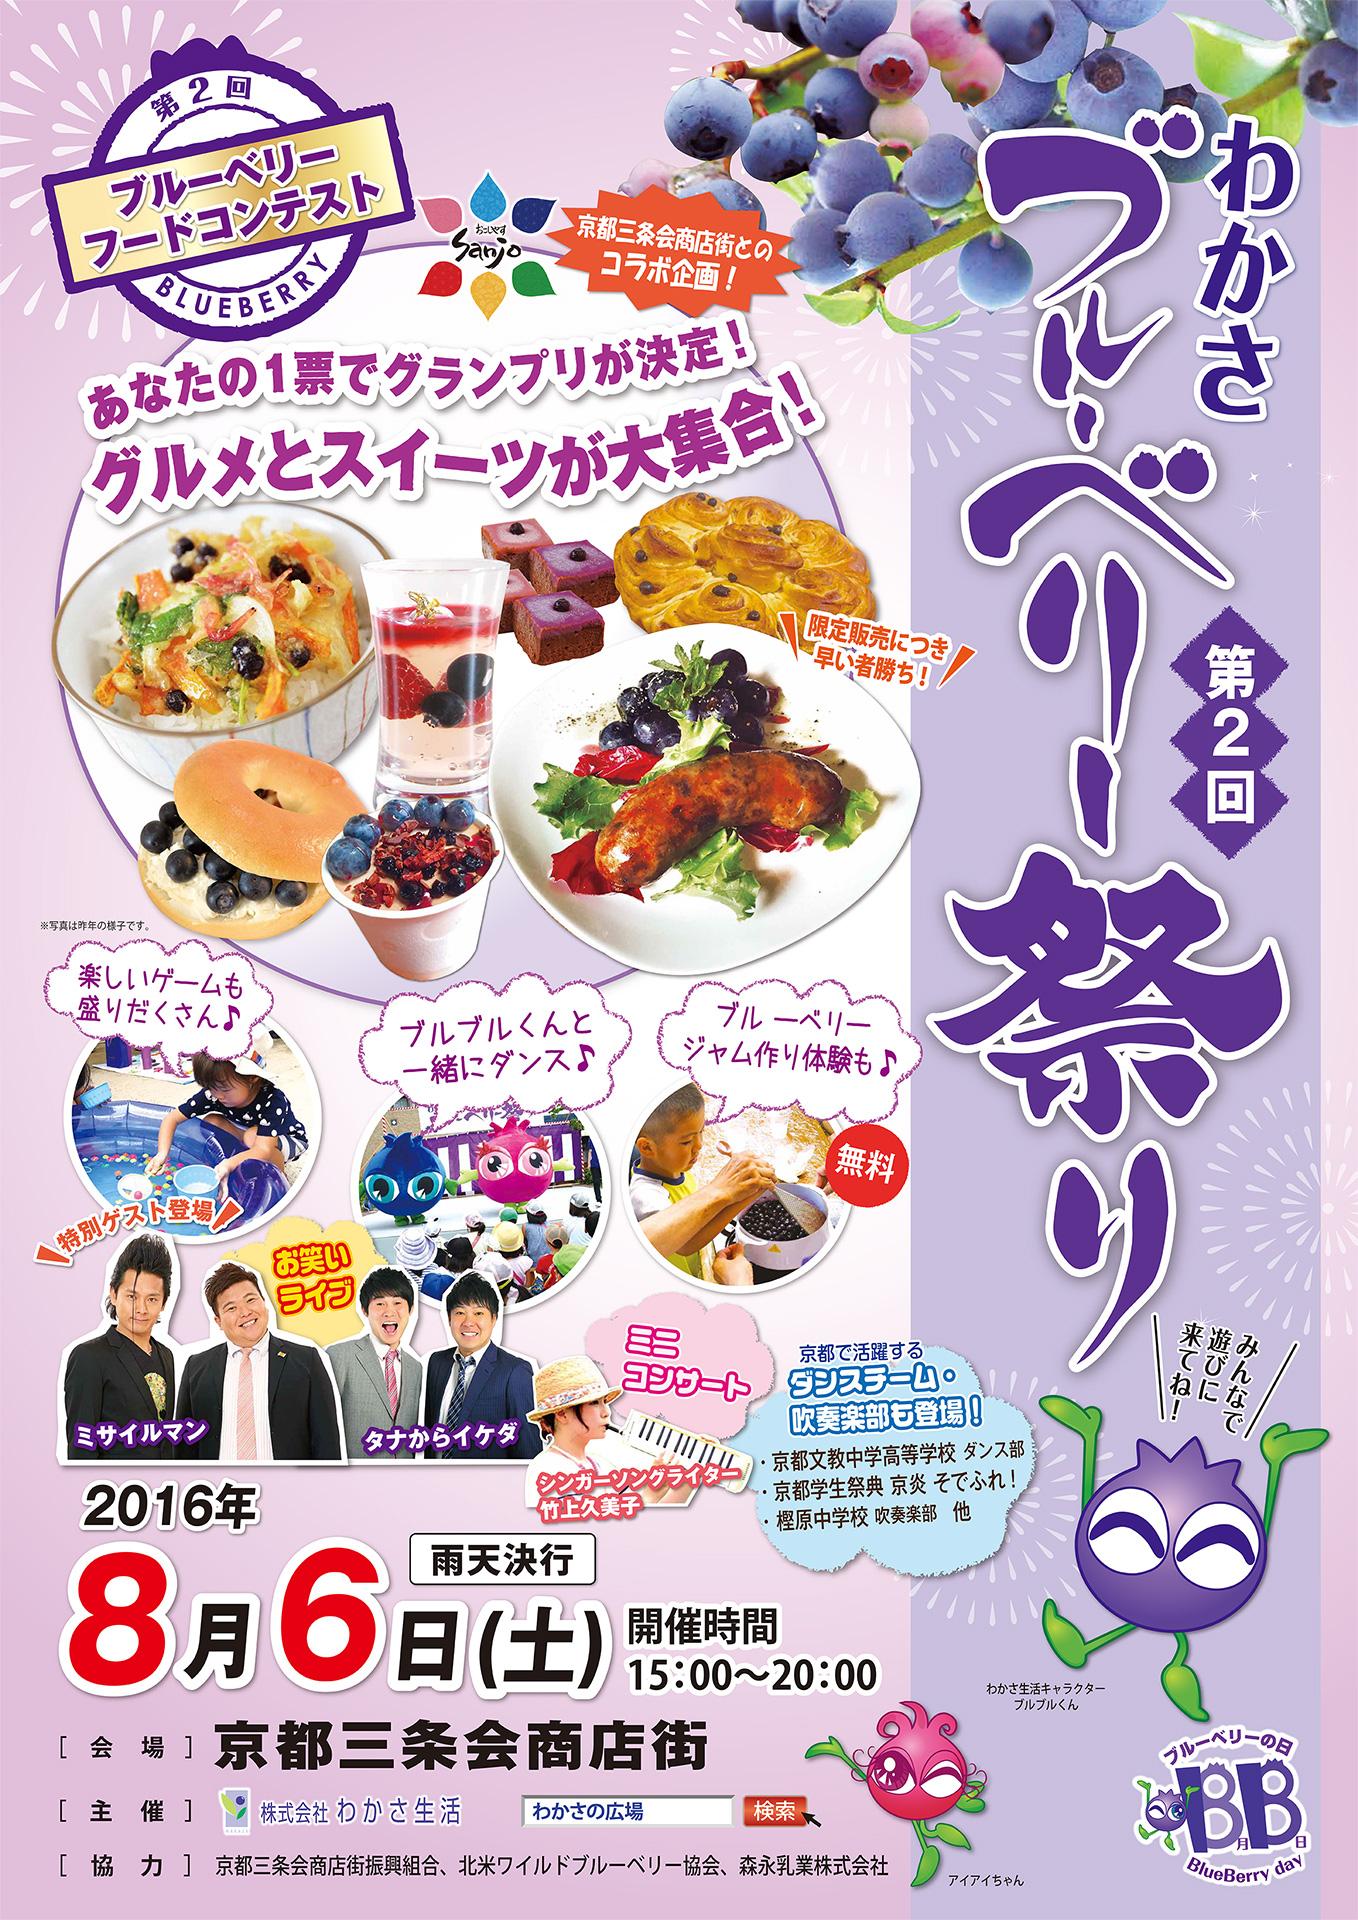 第2回わかさブルーベリー祭り|京都三条会商店街|8月のイベント